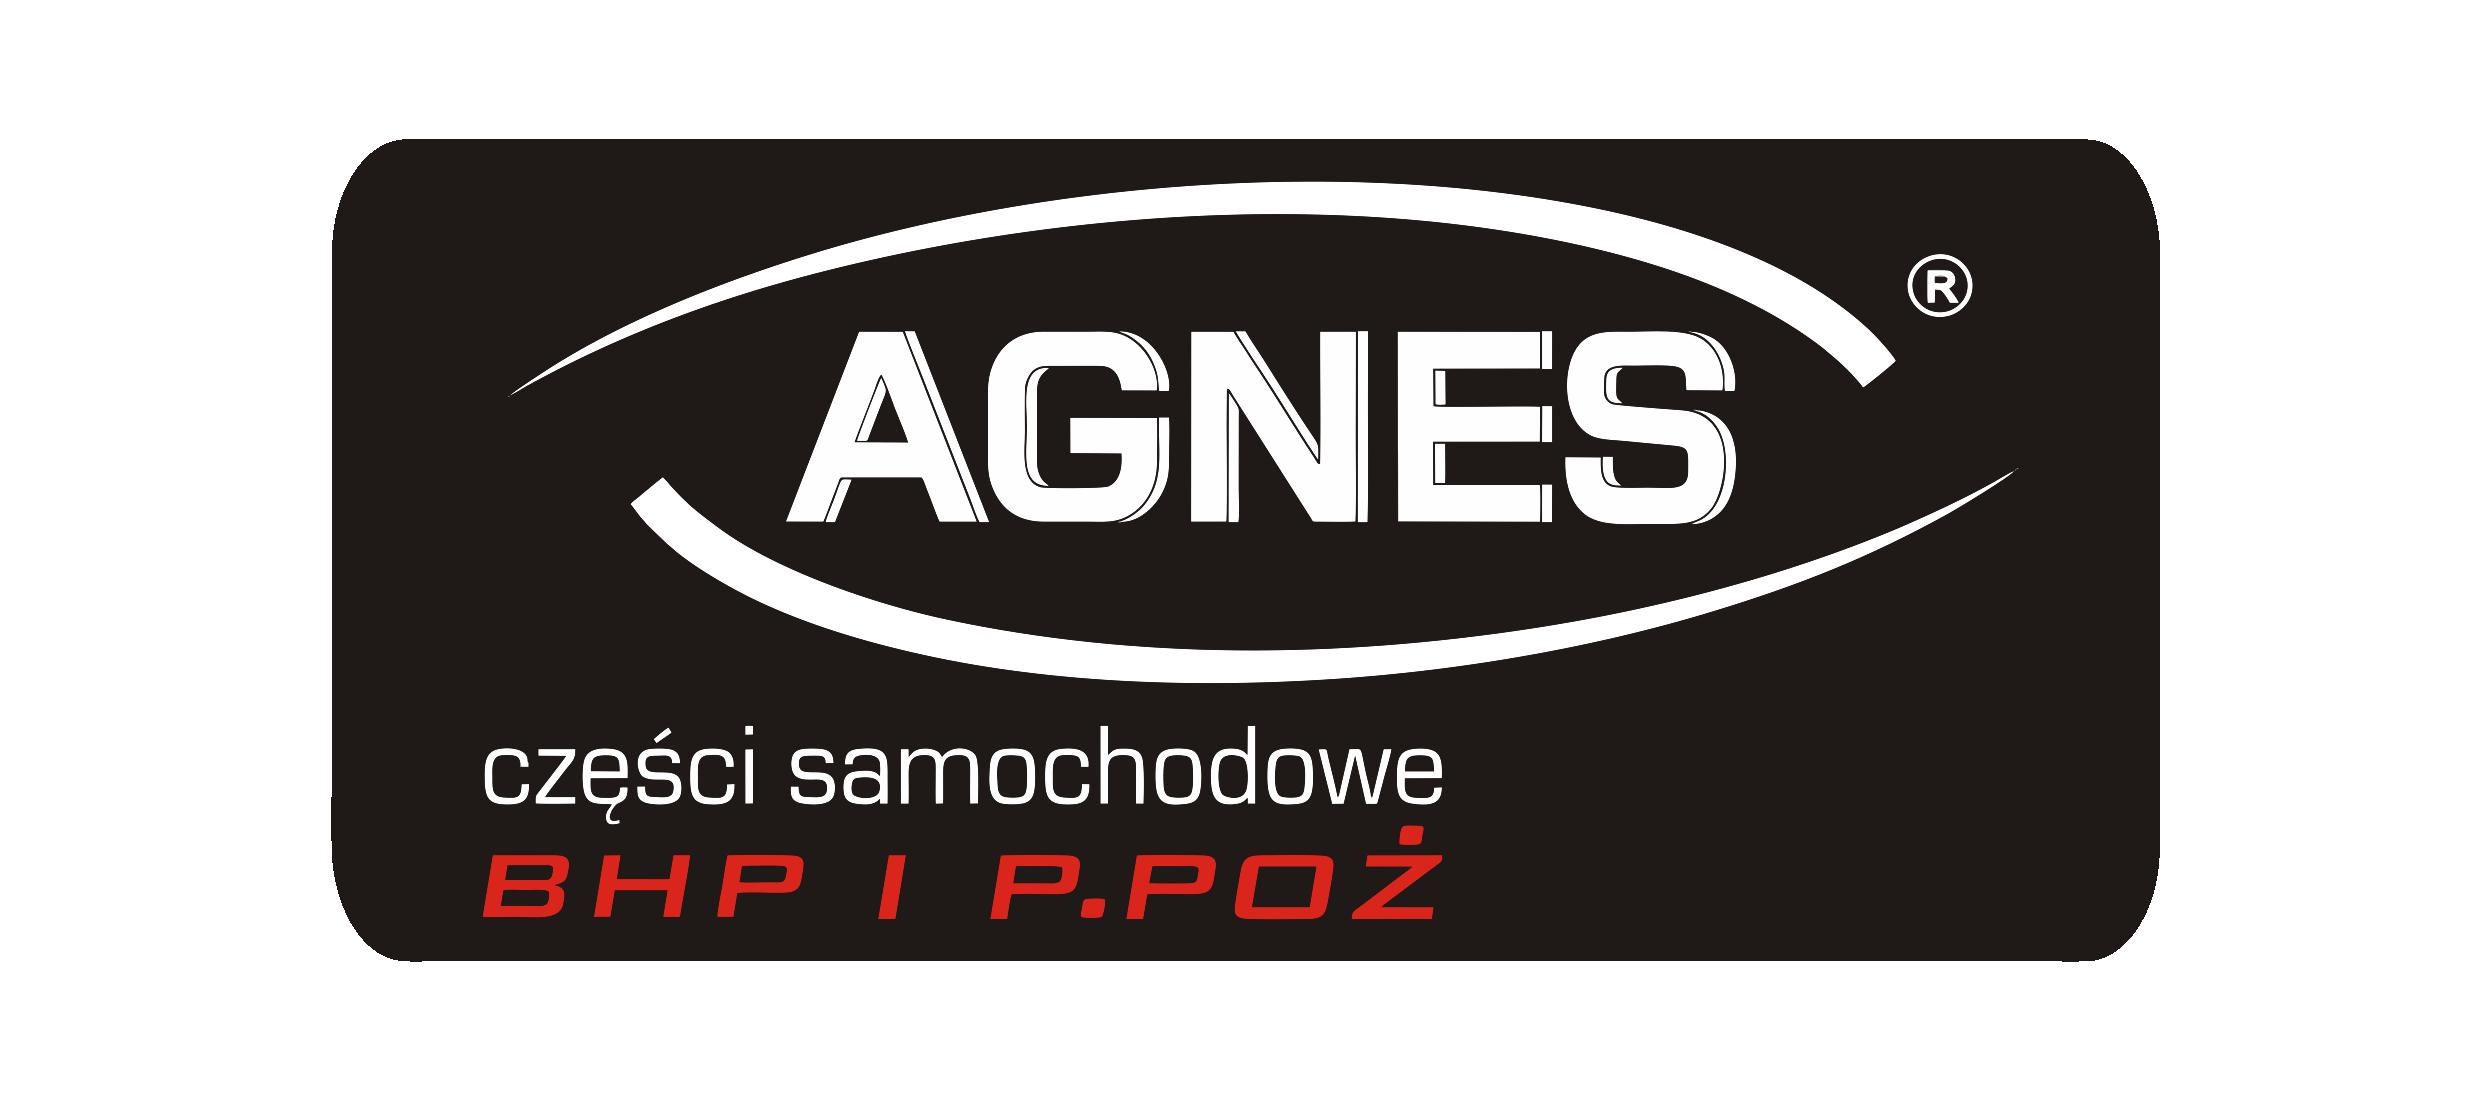 Agnes24